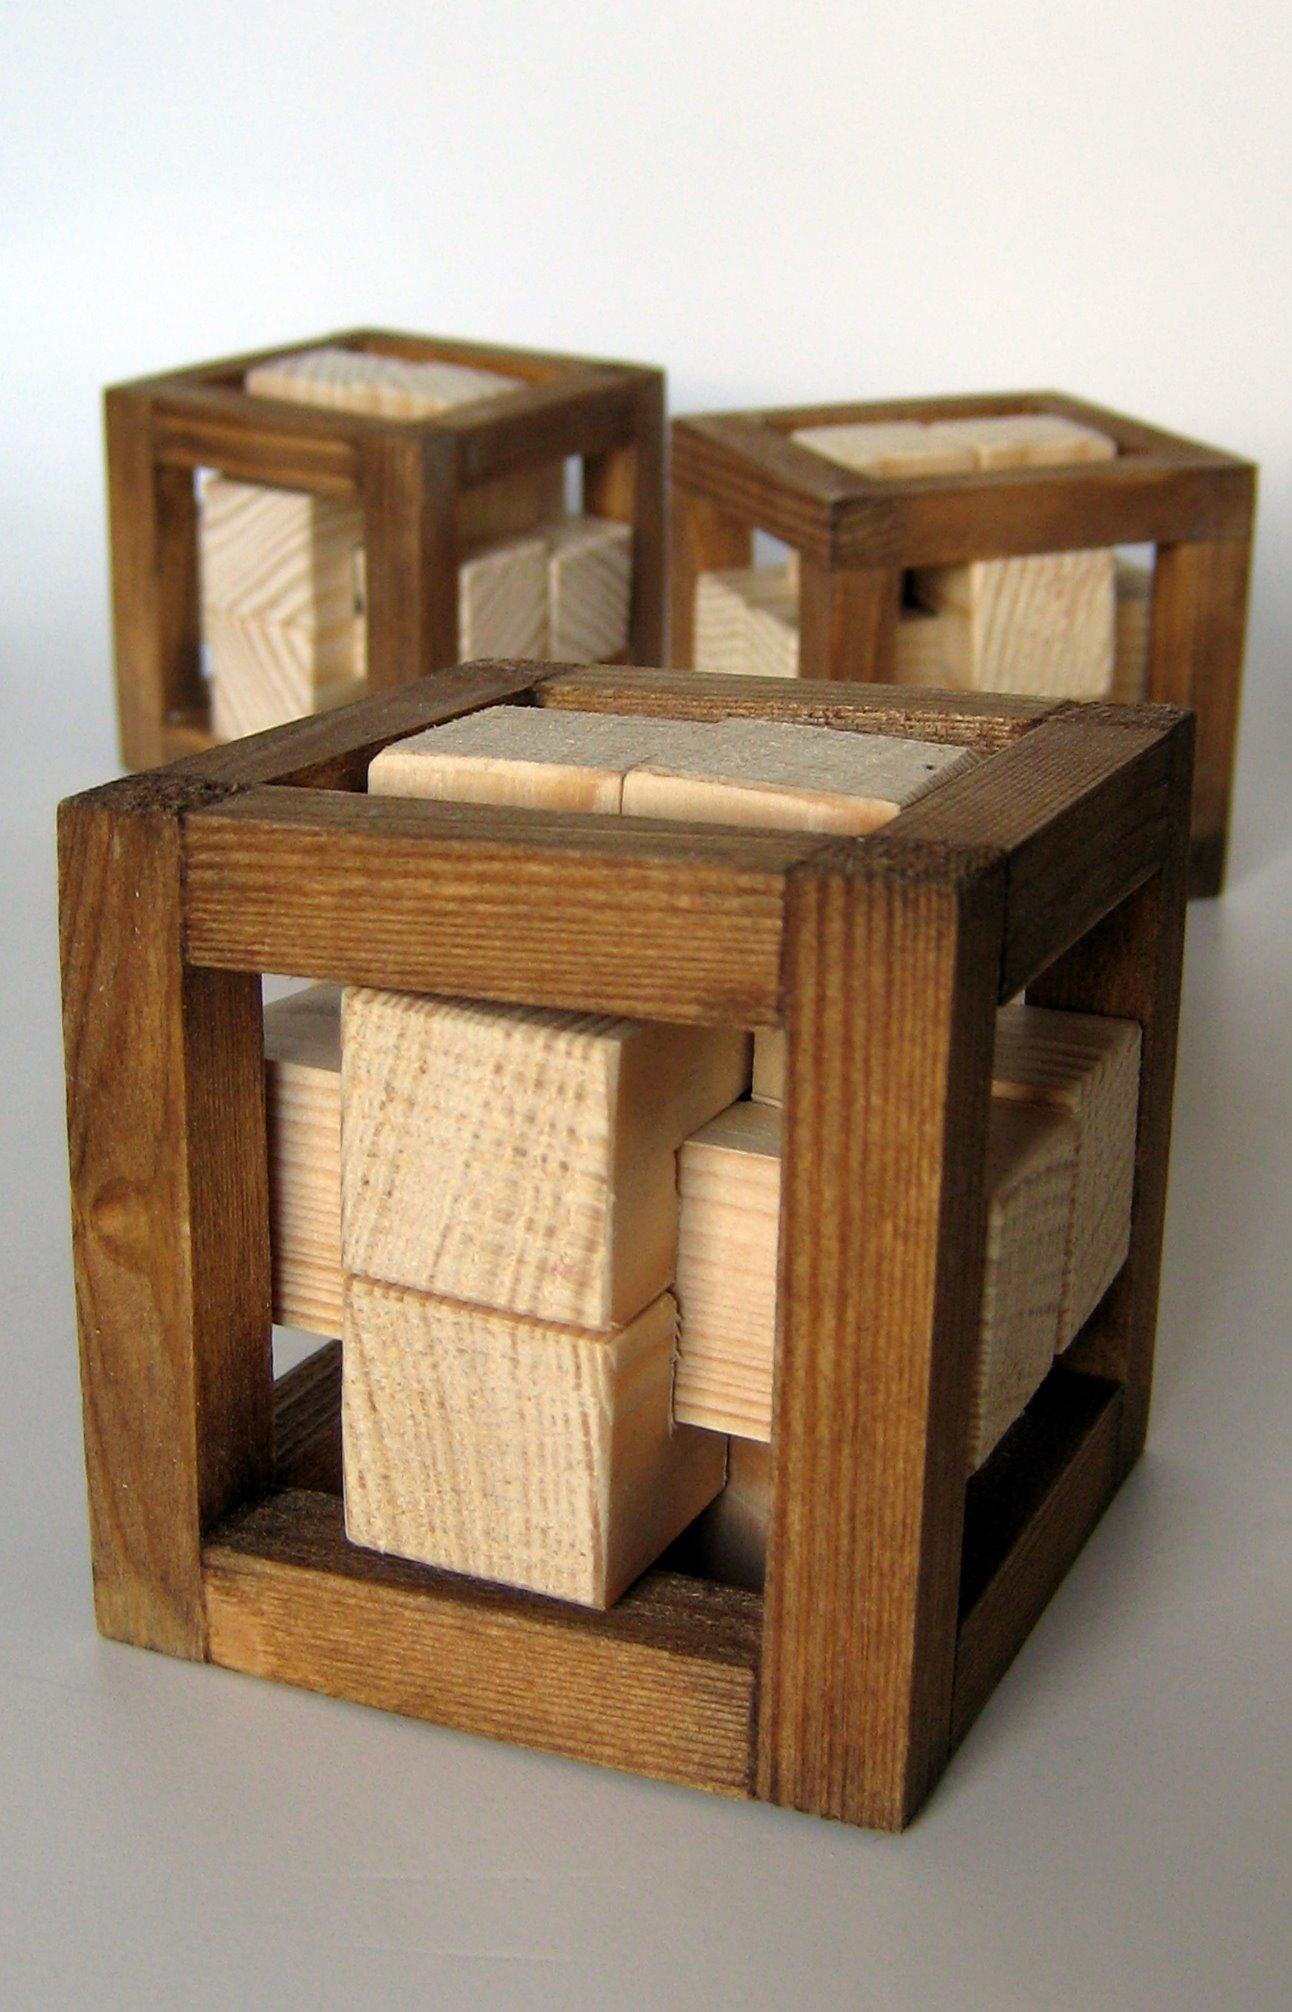 casse t te puzzles et jeux math matiques 2007. Black Bedroom Furniture Sets. Home Design Ideas